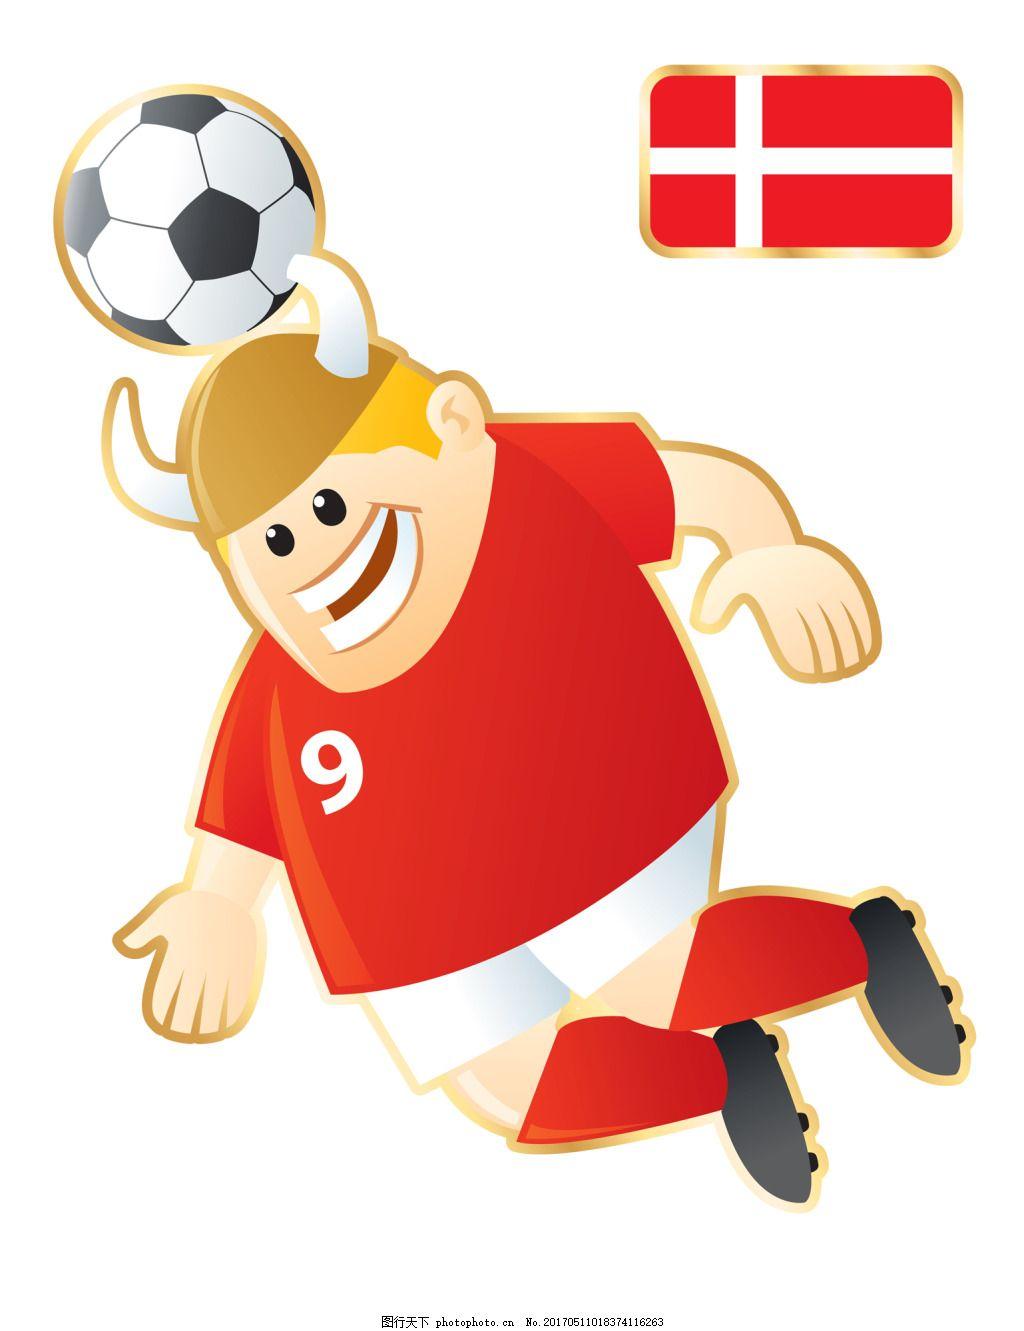 顶球牛角足球卡通人物形象矢量图 红色 牛角 足球 运动员 大胖子 运动